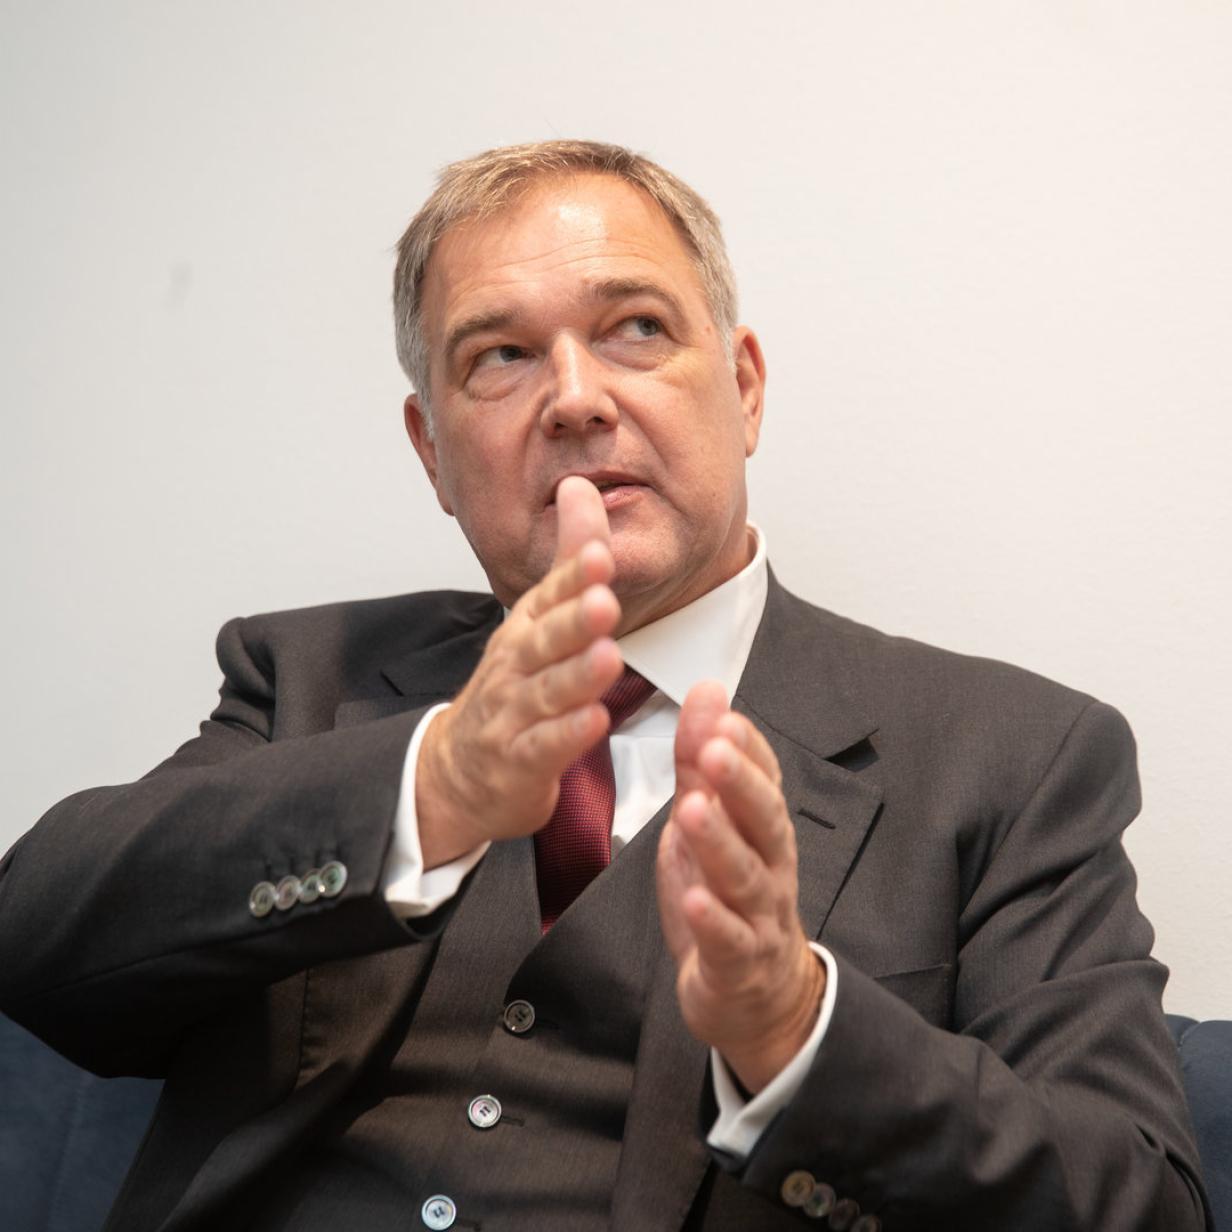 Wirtschaftskammer-Chef fordert Ende des Wiener Parkpickerls